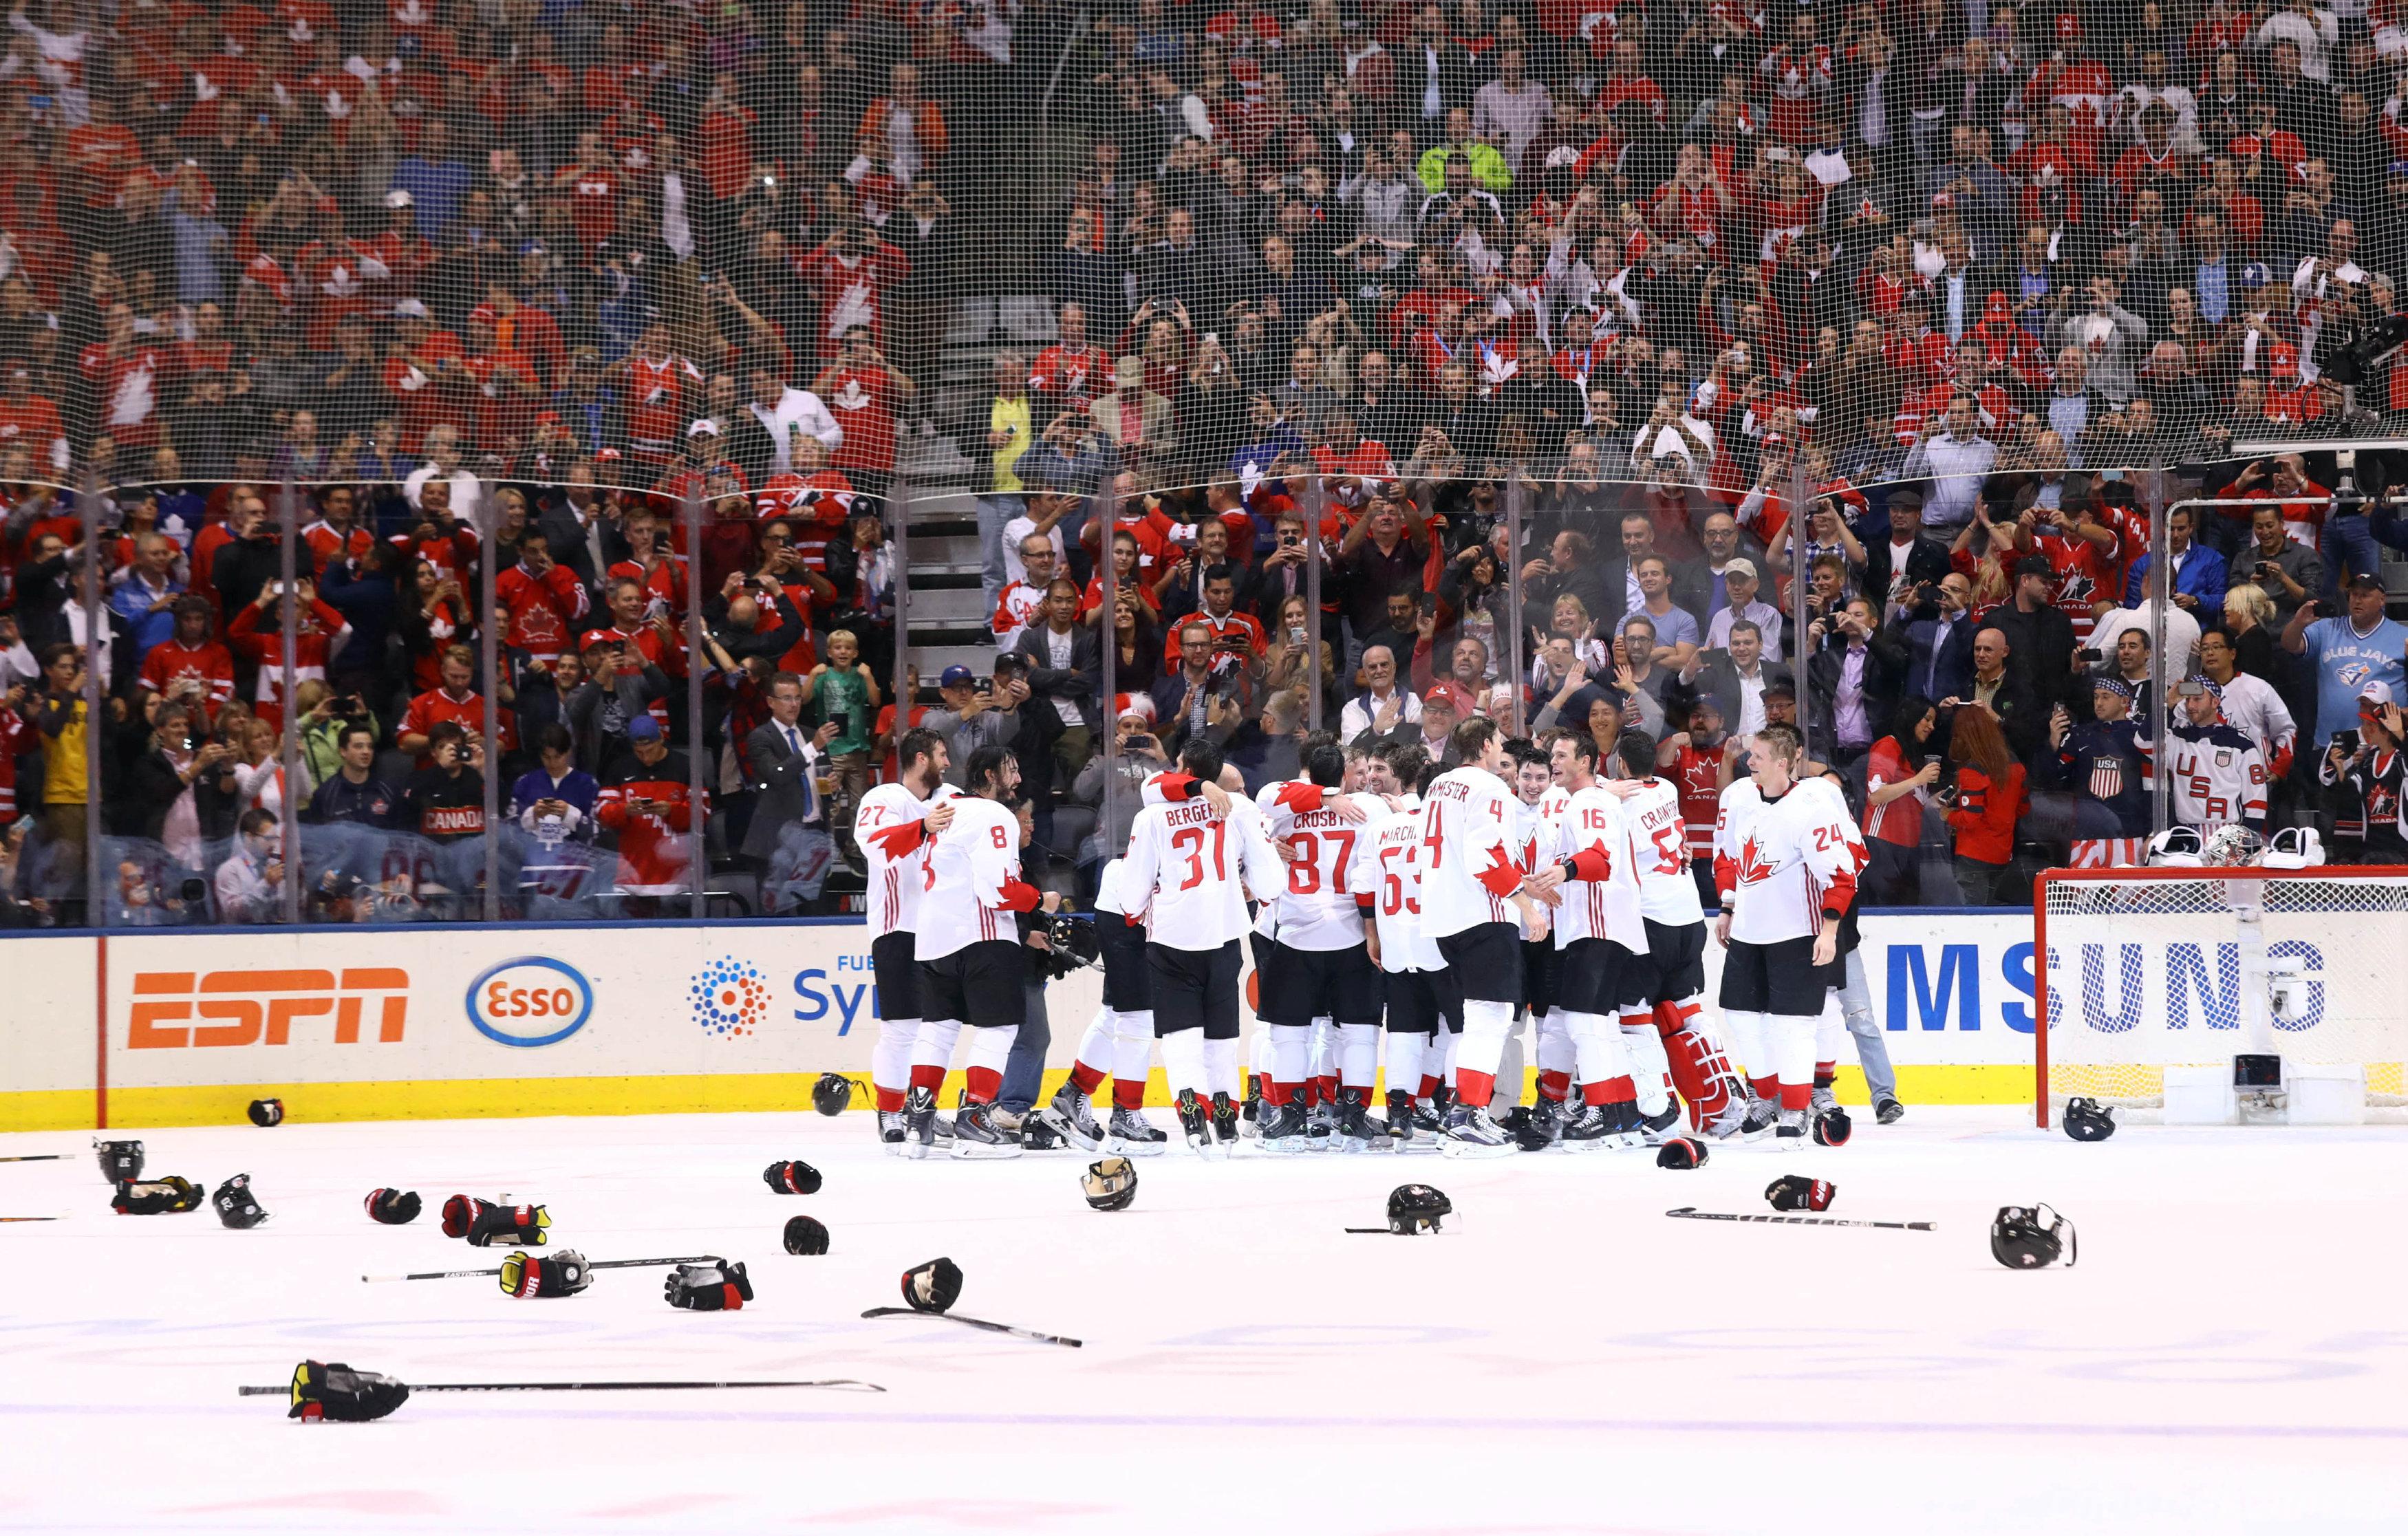 Шансы Торонто и другие итоги первых матчей 12 финала плей-офф в МЛС